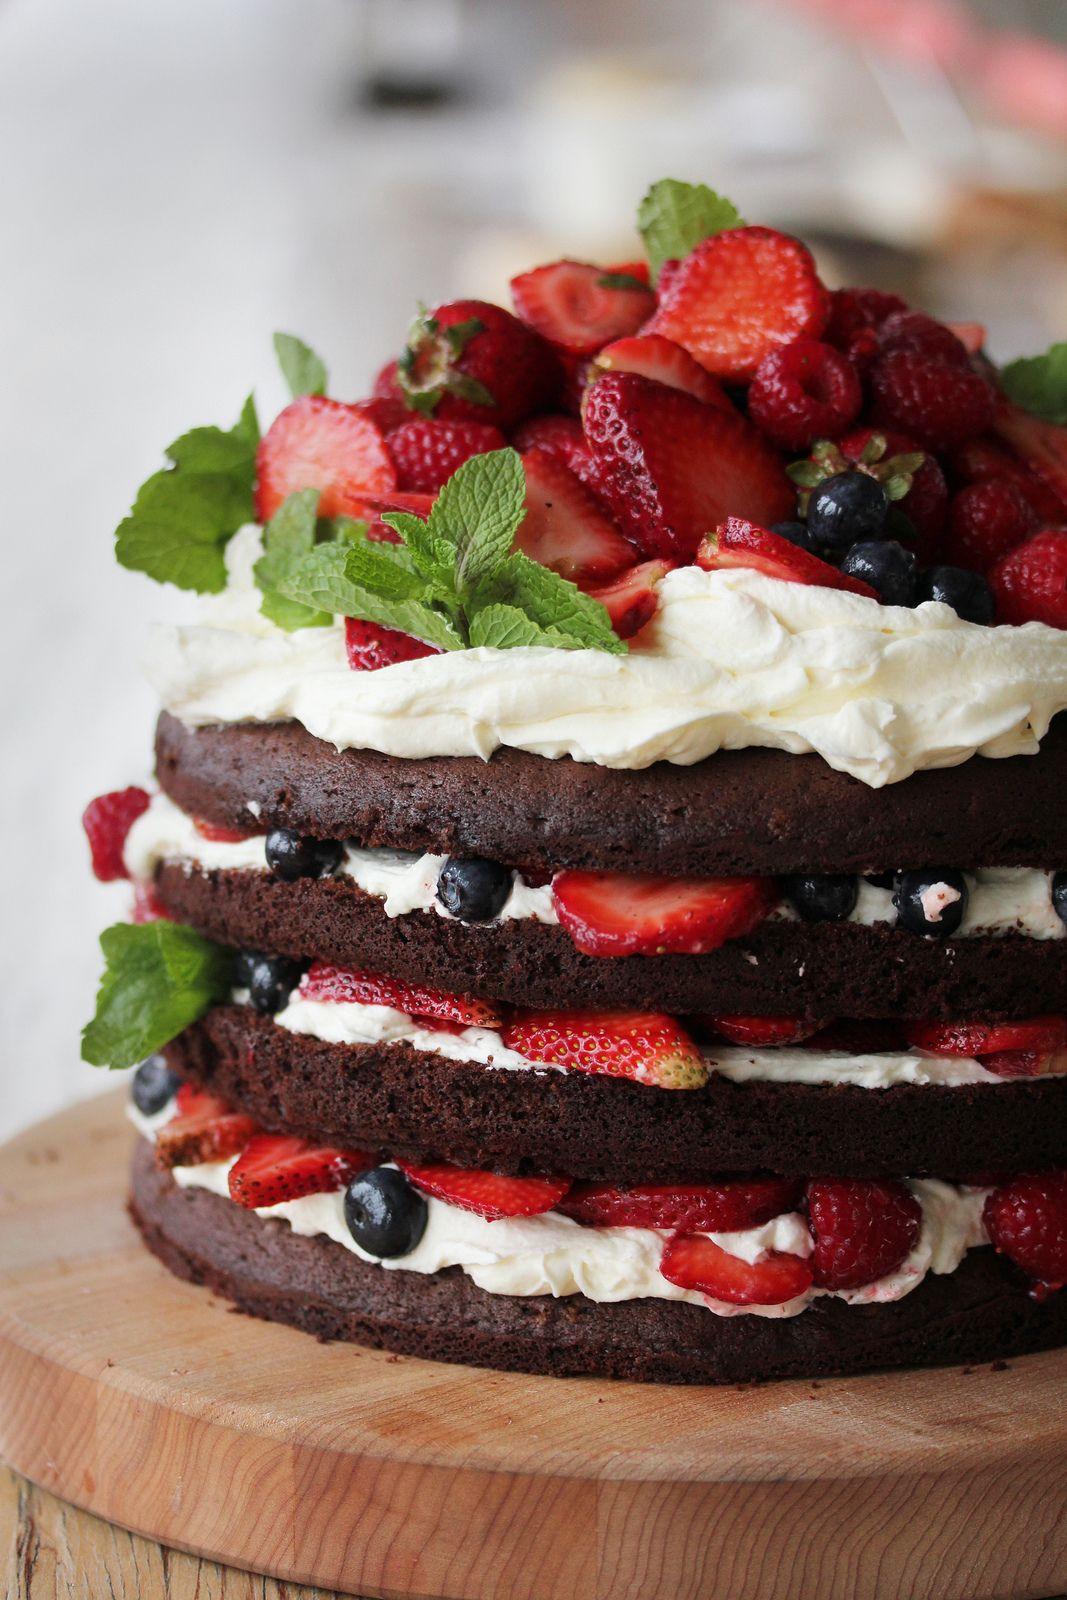 Chocolate Berry Cake / http://diederikdijkstra.nl/post/39743641181/dit-wordt-lotte-haar-verjaardagstaart